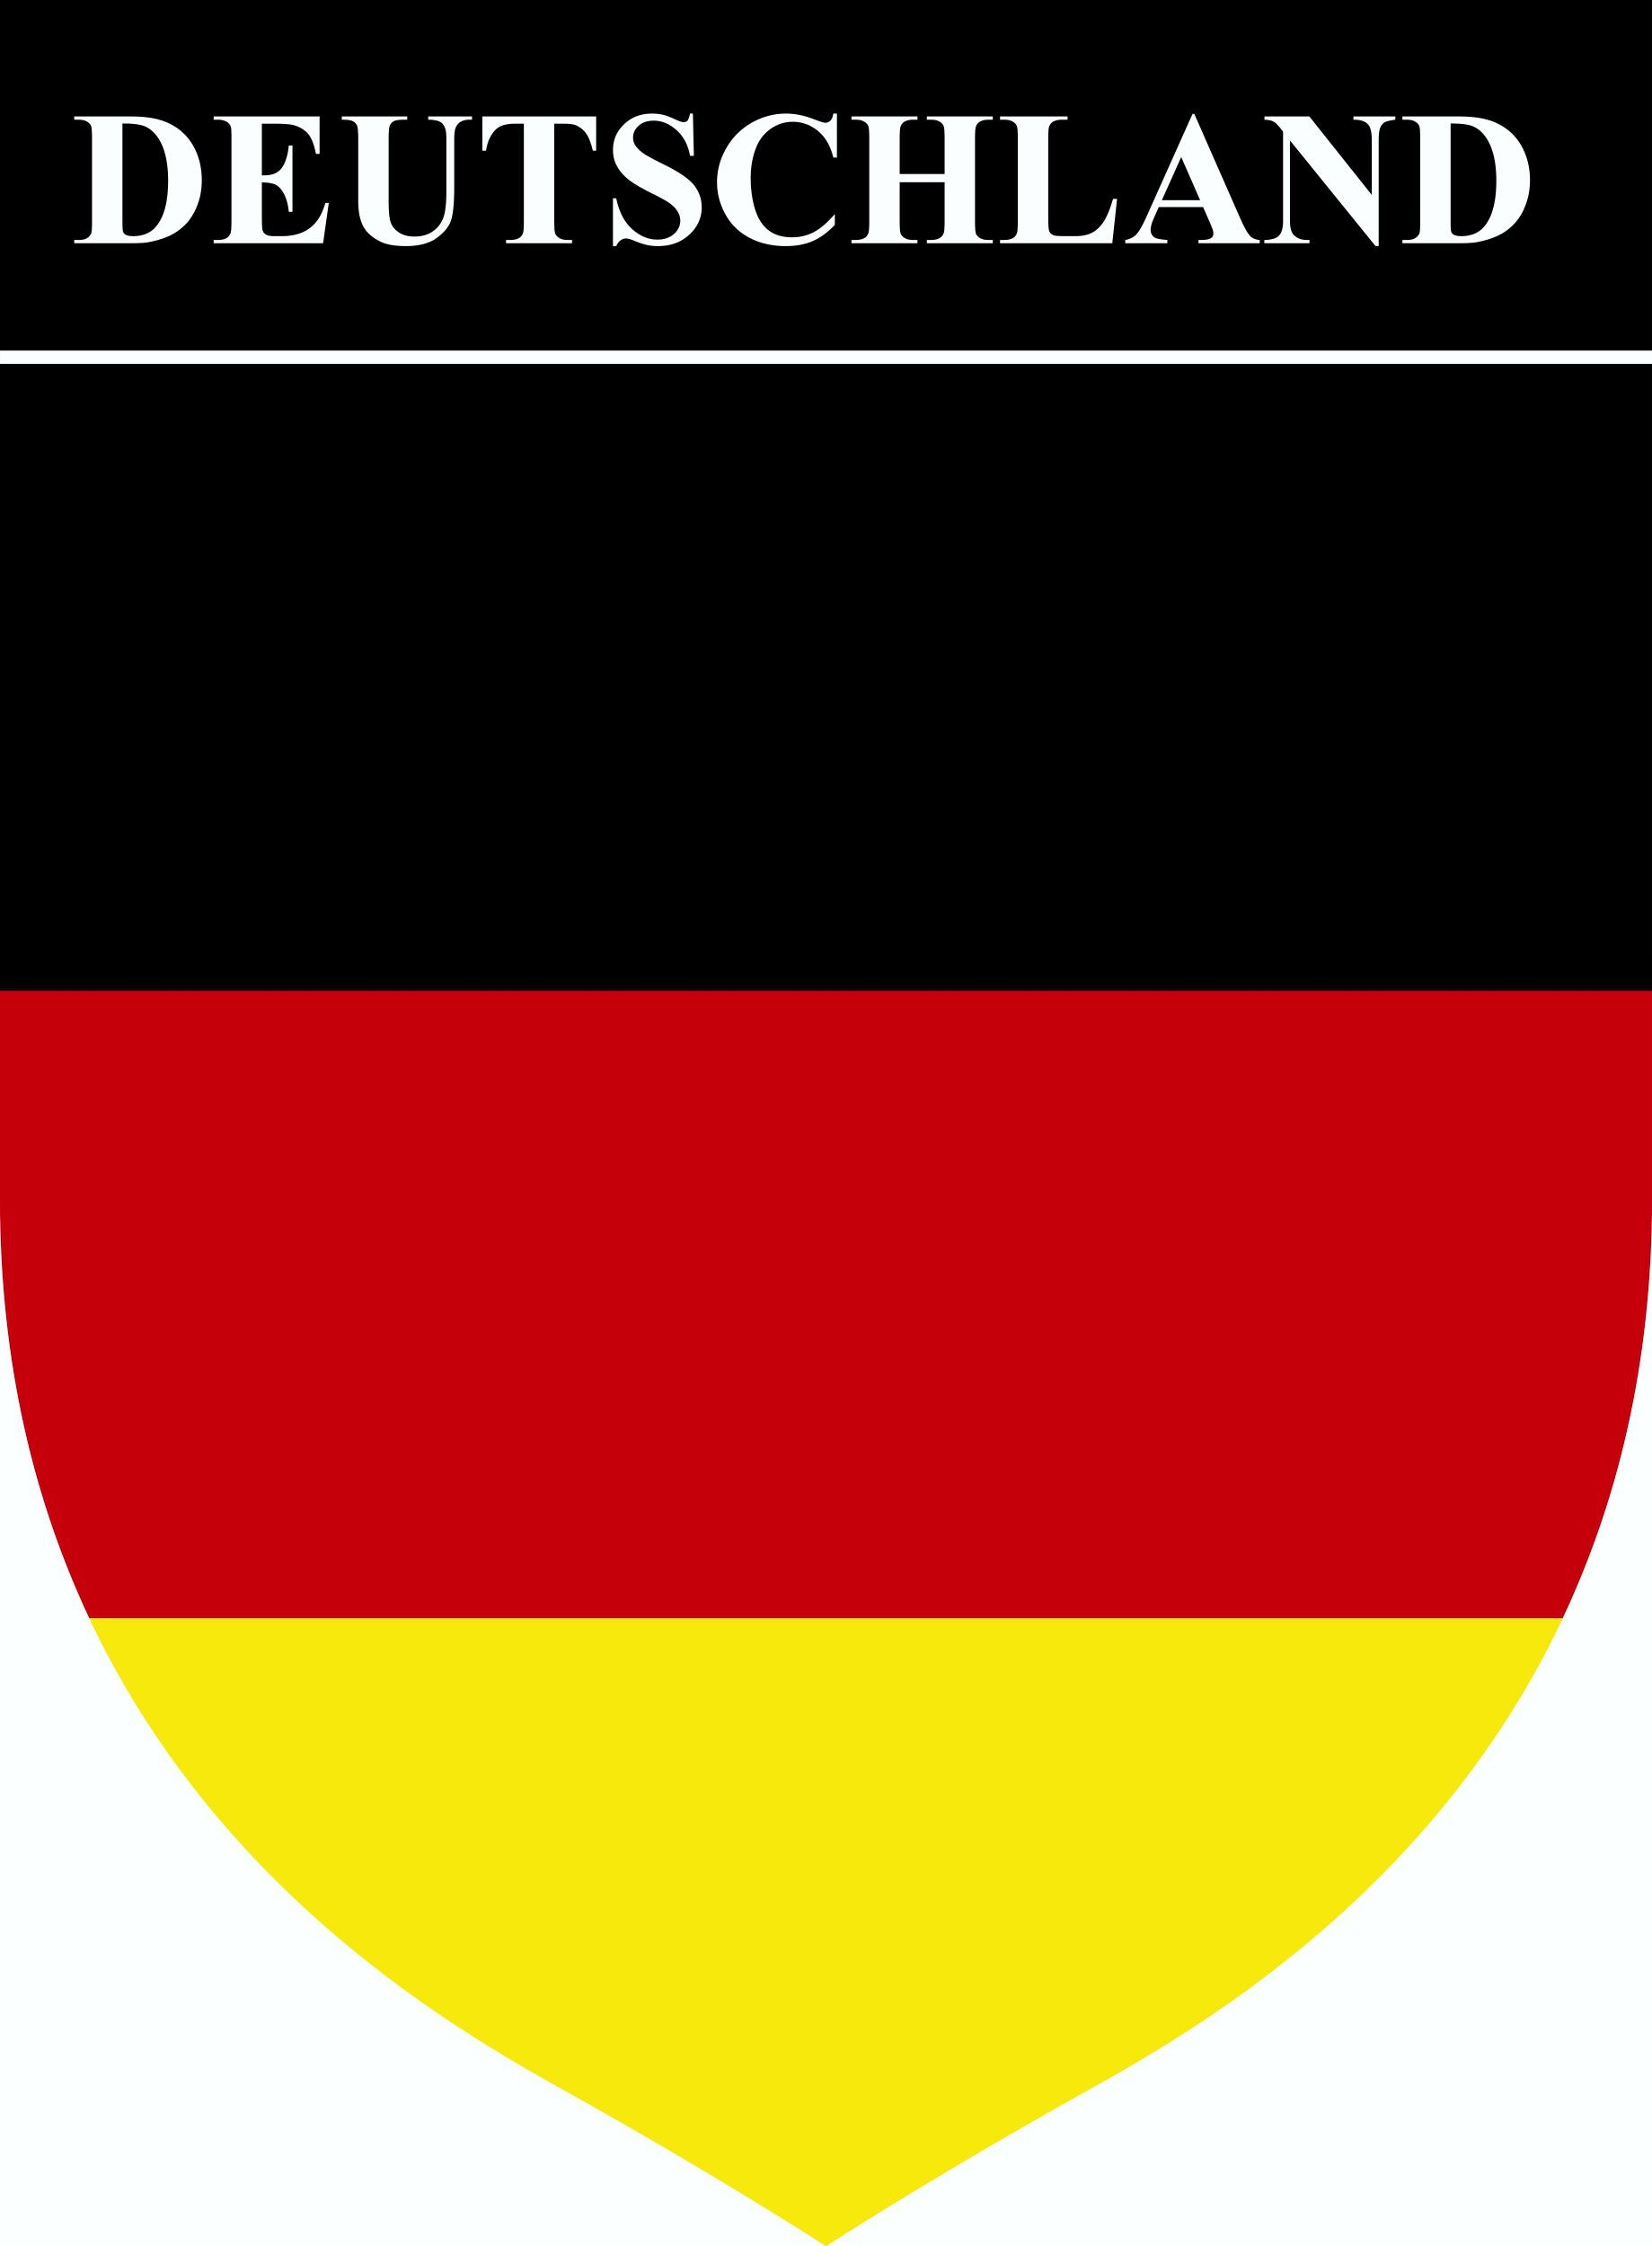 Aufkleber Wappen Deutschland 85 x 65 mm